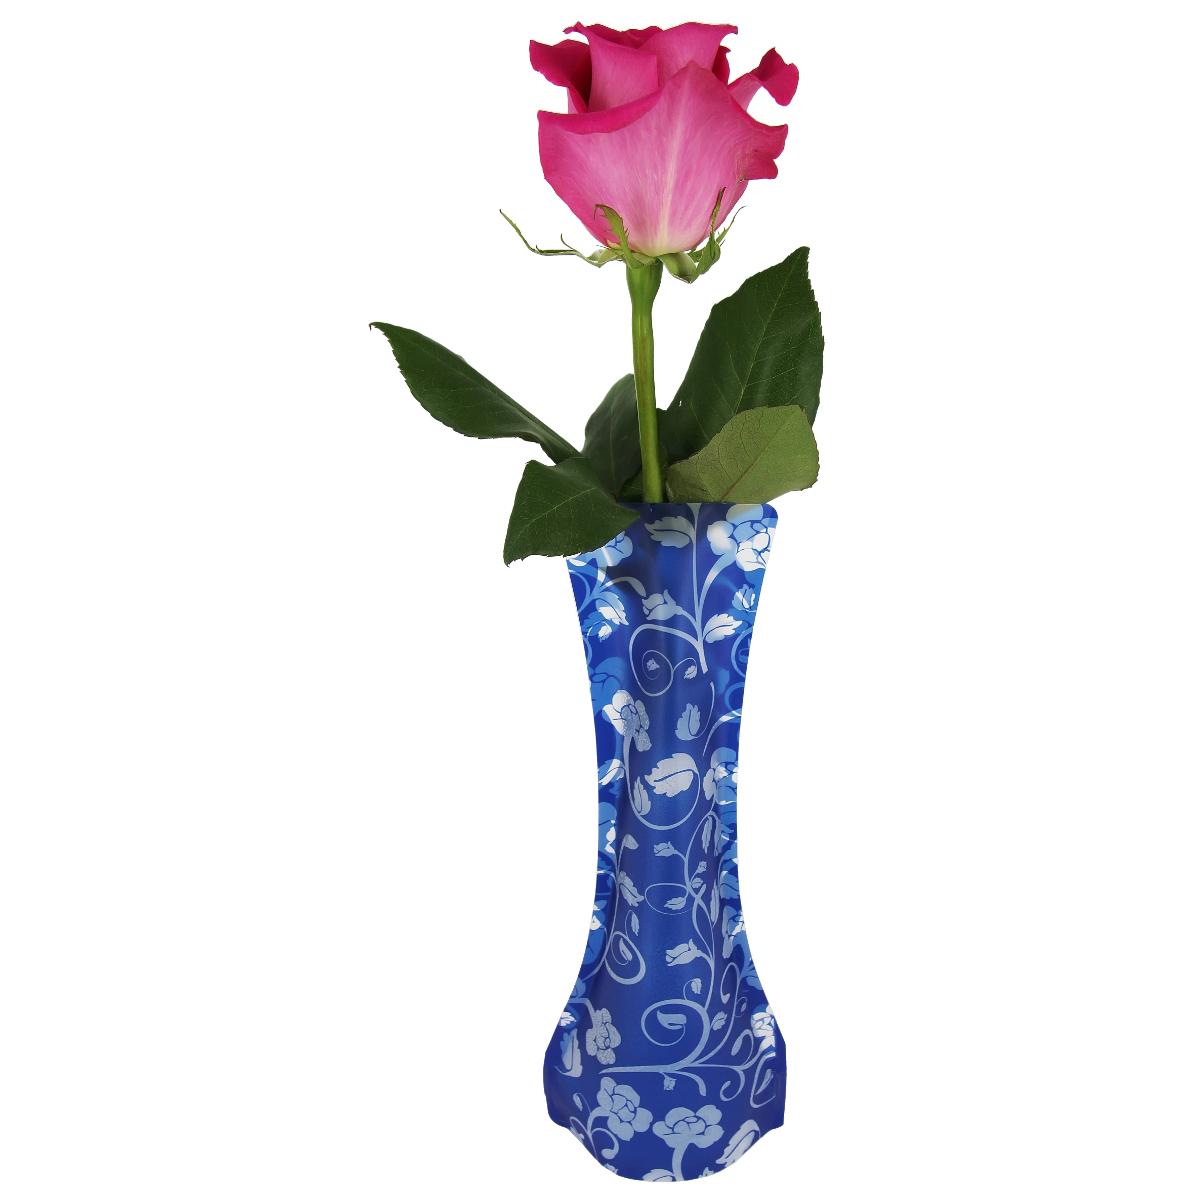 Ваза МастерПроф Синие бутоны, пластичная, 0,4 лFS-91909Пластичная ваза Синие бутоны легко складывается, удобно хранится - занимает мало места, долго служит. Всегда пригодится дома, в офисе, на даче, для оформления различных меропритятий. Отлично подойдет для перевозки цветов, или просто в подарок.Инструкция: 1. Наполните вазу теплой водой;2. Дно и стенки расправятся;3. Вылейте воду;4. Наполните вазу холодной водой;5. Вставьте цветы.Меры предосторожности:Хранить вдали от источников тепла и яркого солнечного света. С осторожностью применять для растений с длинными стеблями и с крупными соцветиями, что бы избежать опрокидывания вазы.